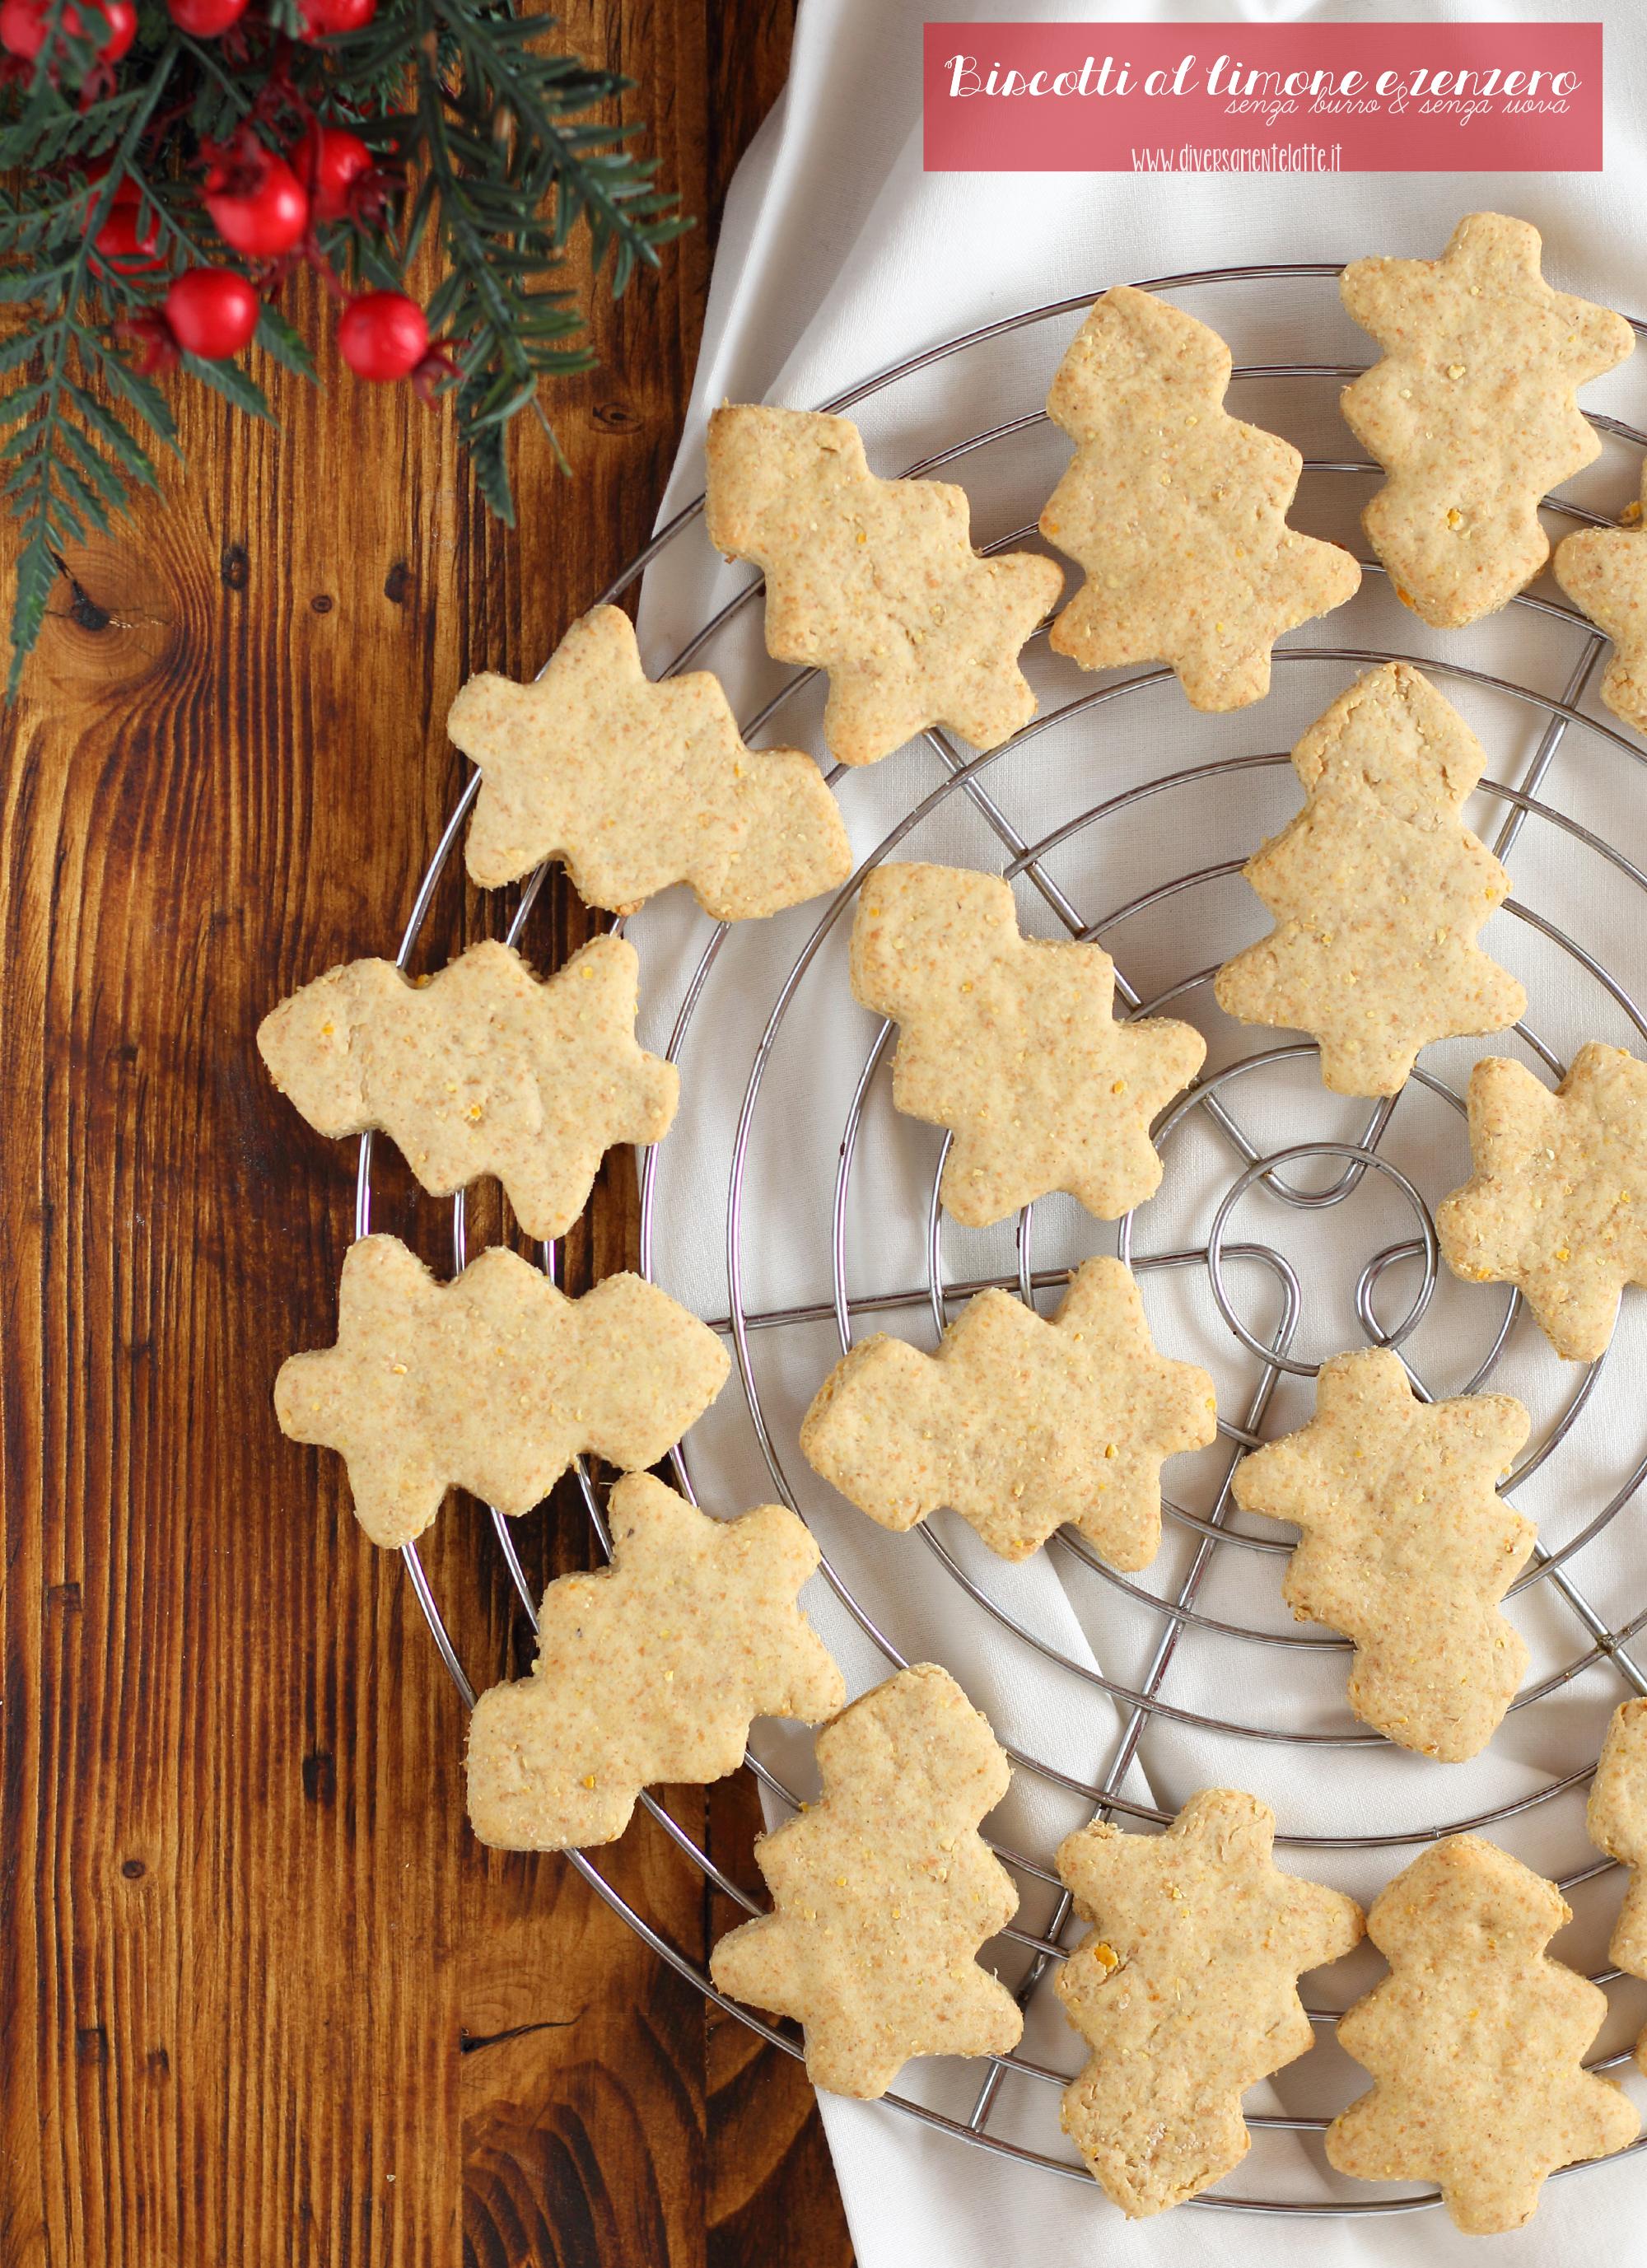 biscotti al limone e zenzero senza burro